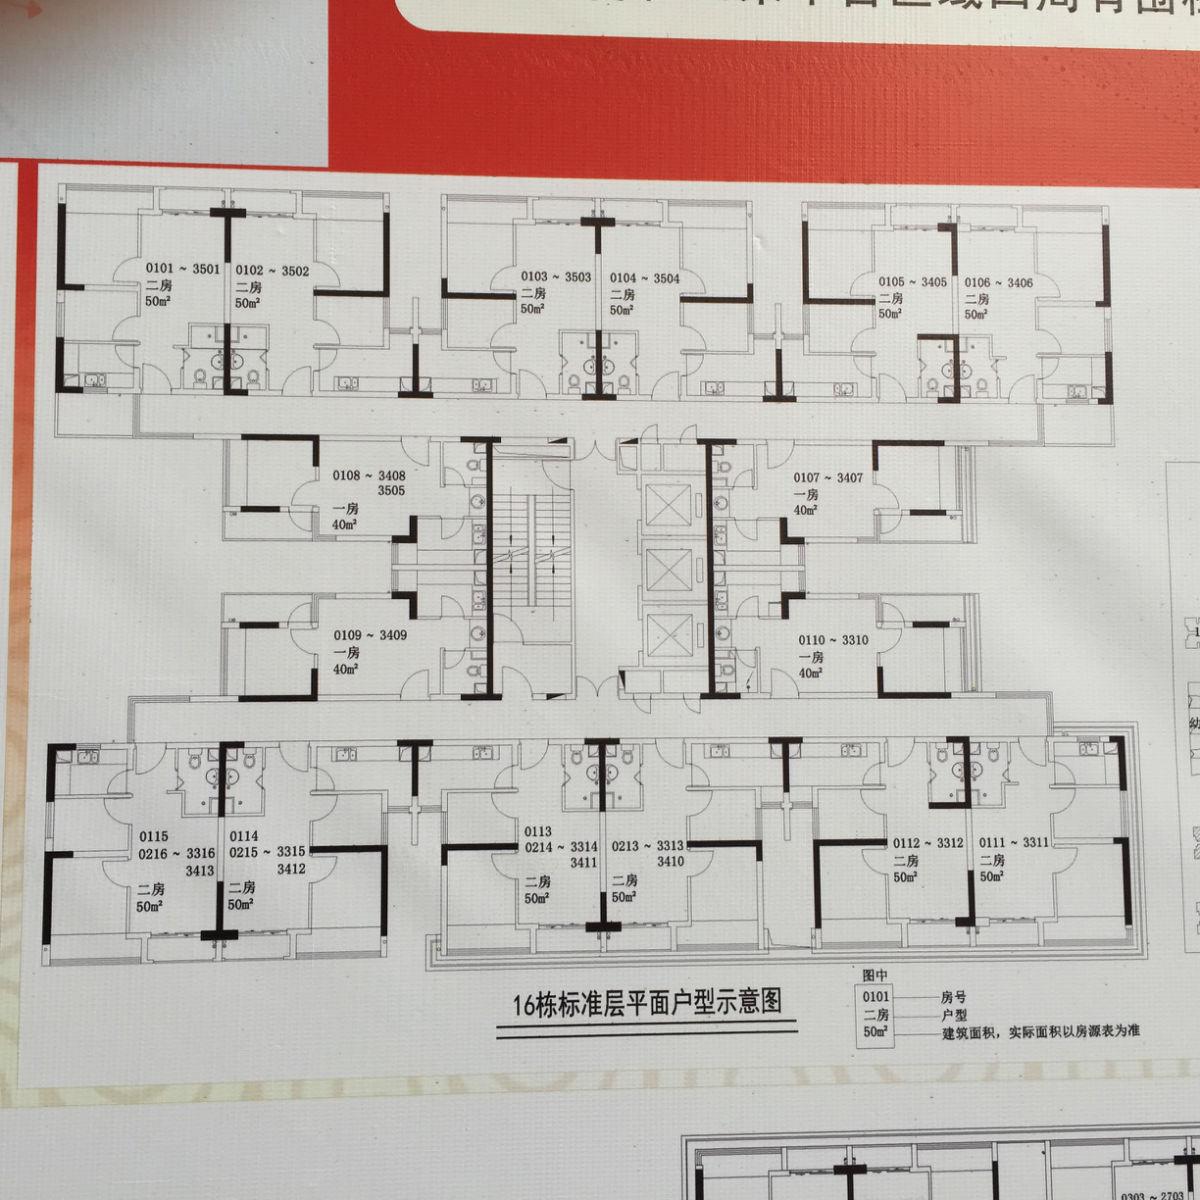 选房现场拍的户型图_龙海家园 - 家在深圳